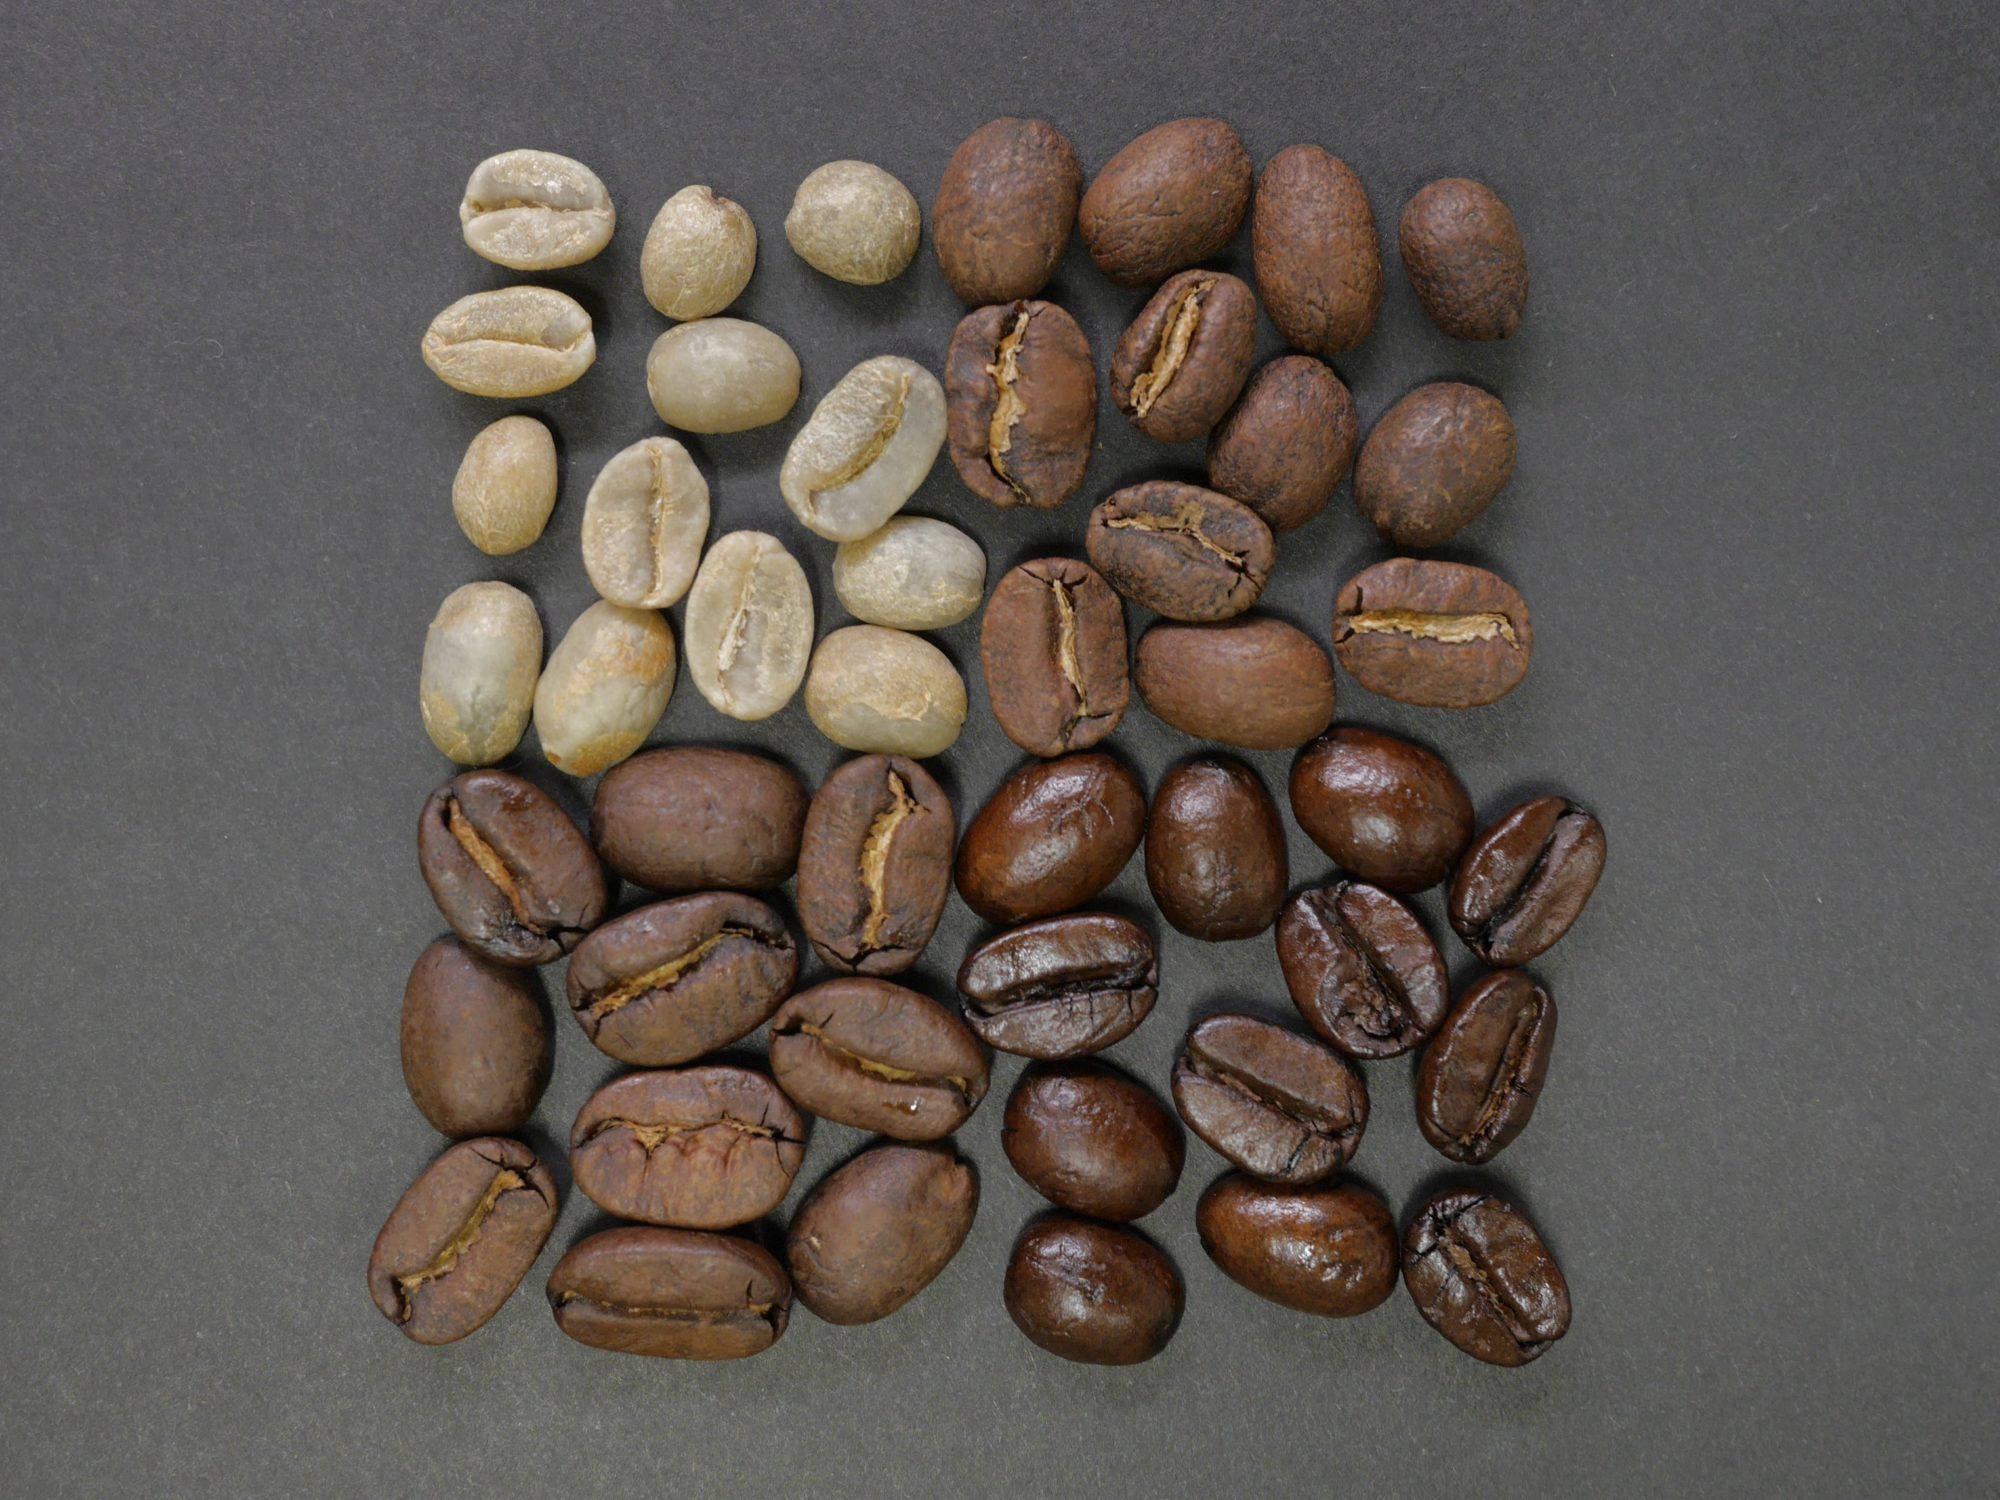 Coffee silverskin